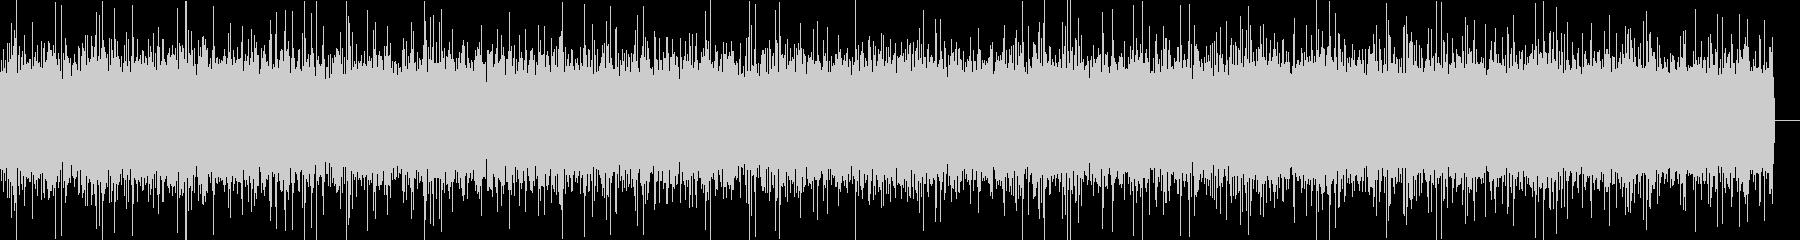 川の音・中規模(北海道)の未再生の波形